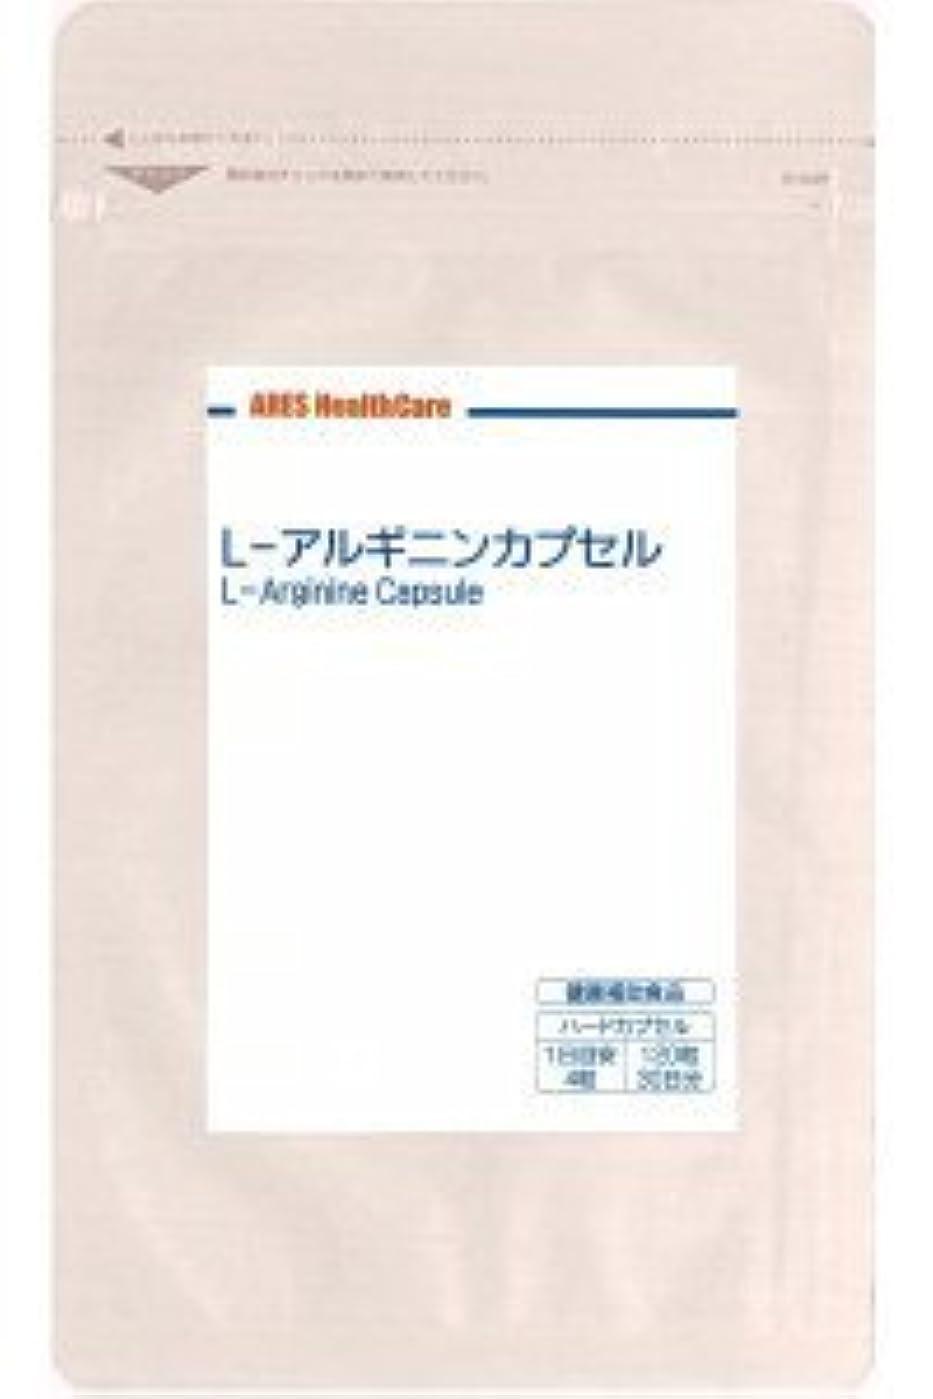 主寄生虫ライフルL-アルギニンカプセル(30日分)